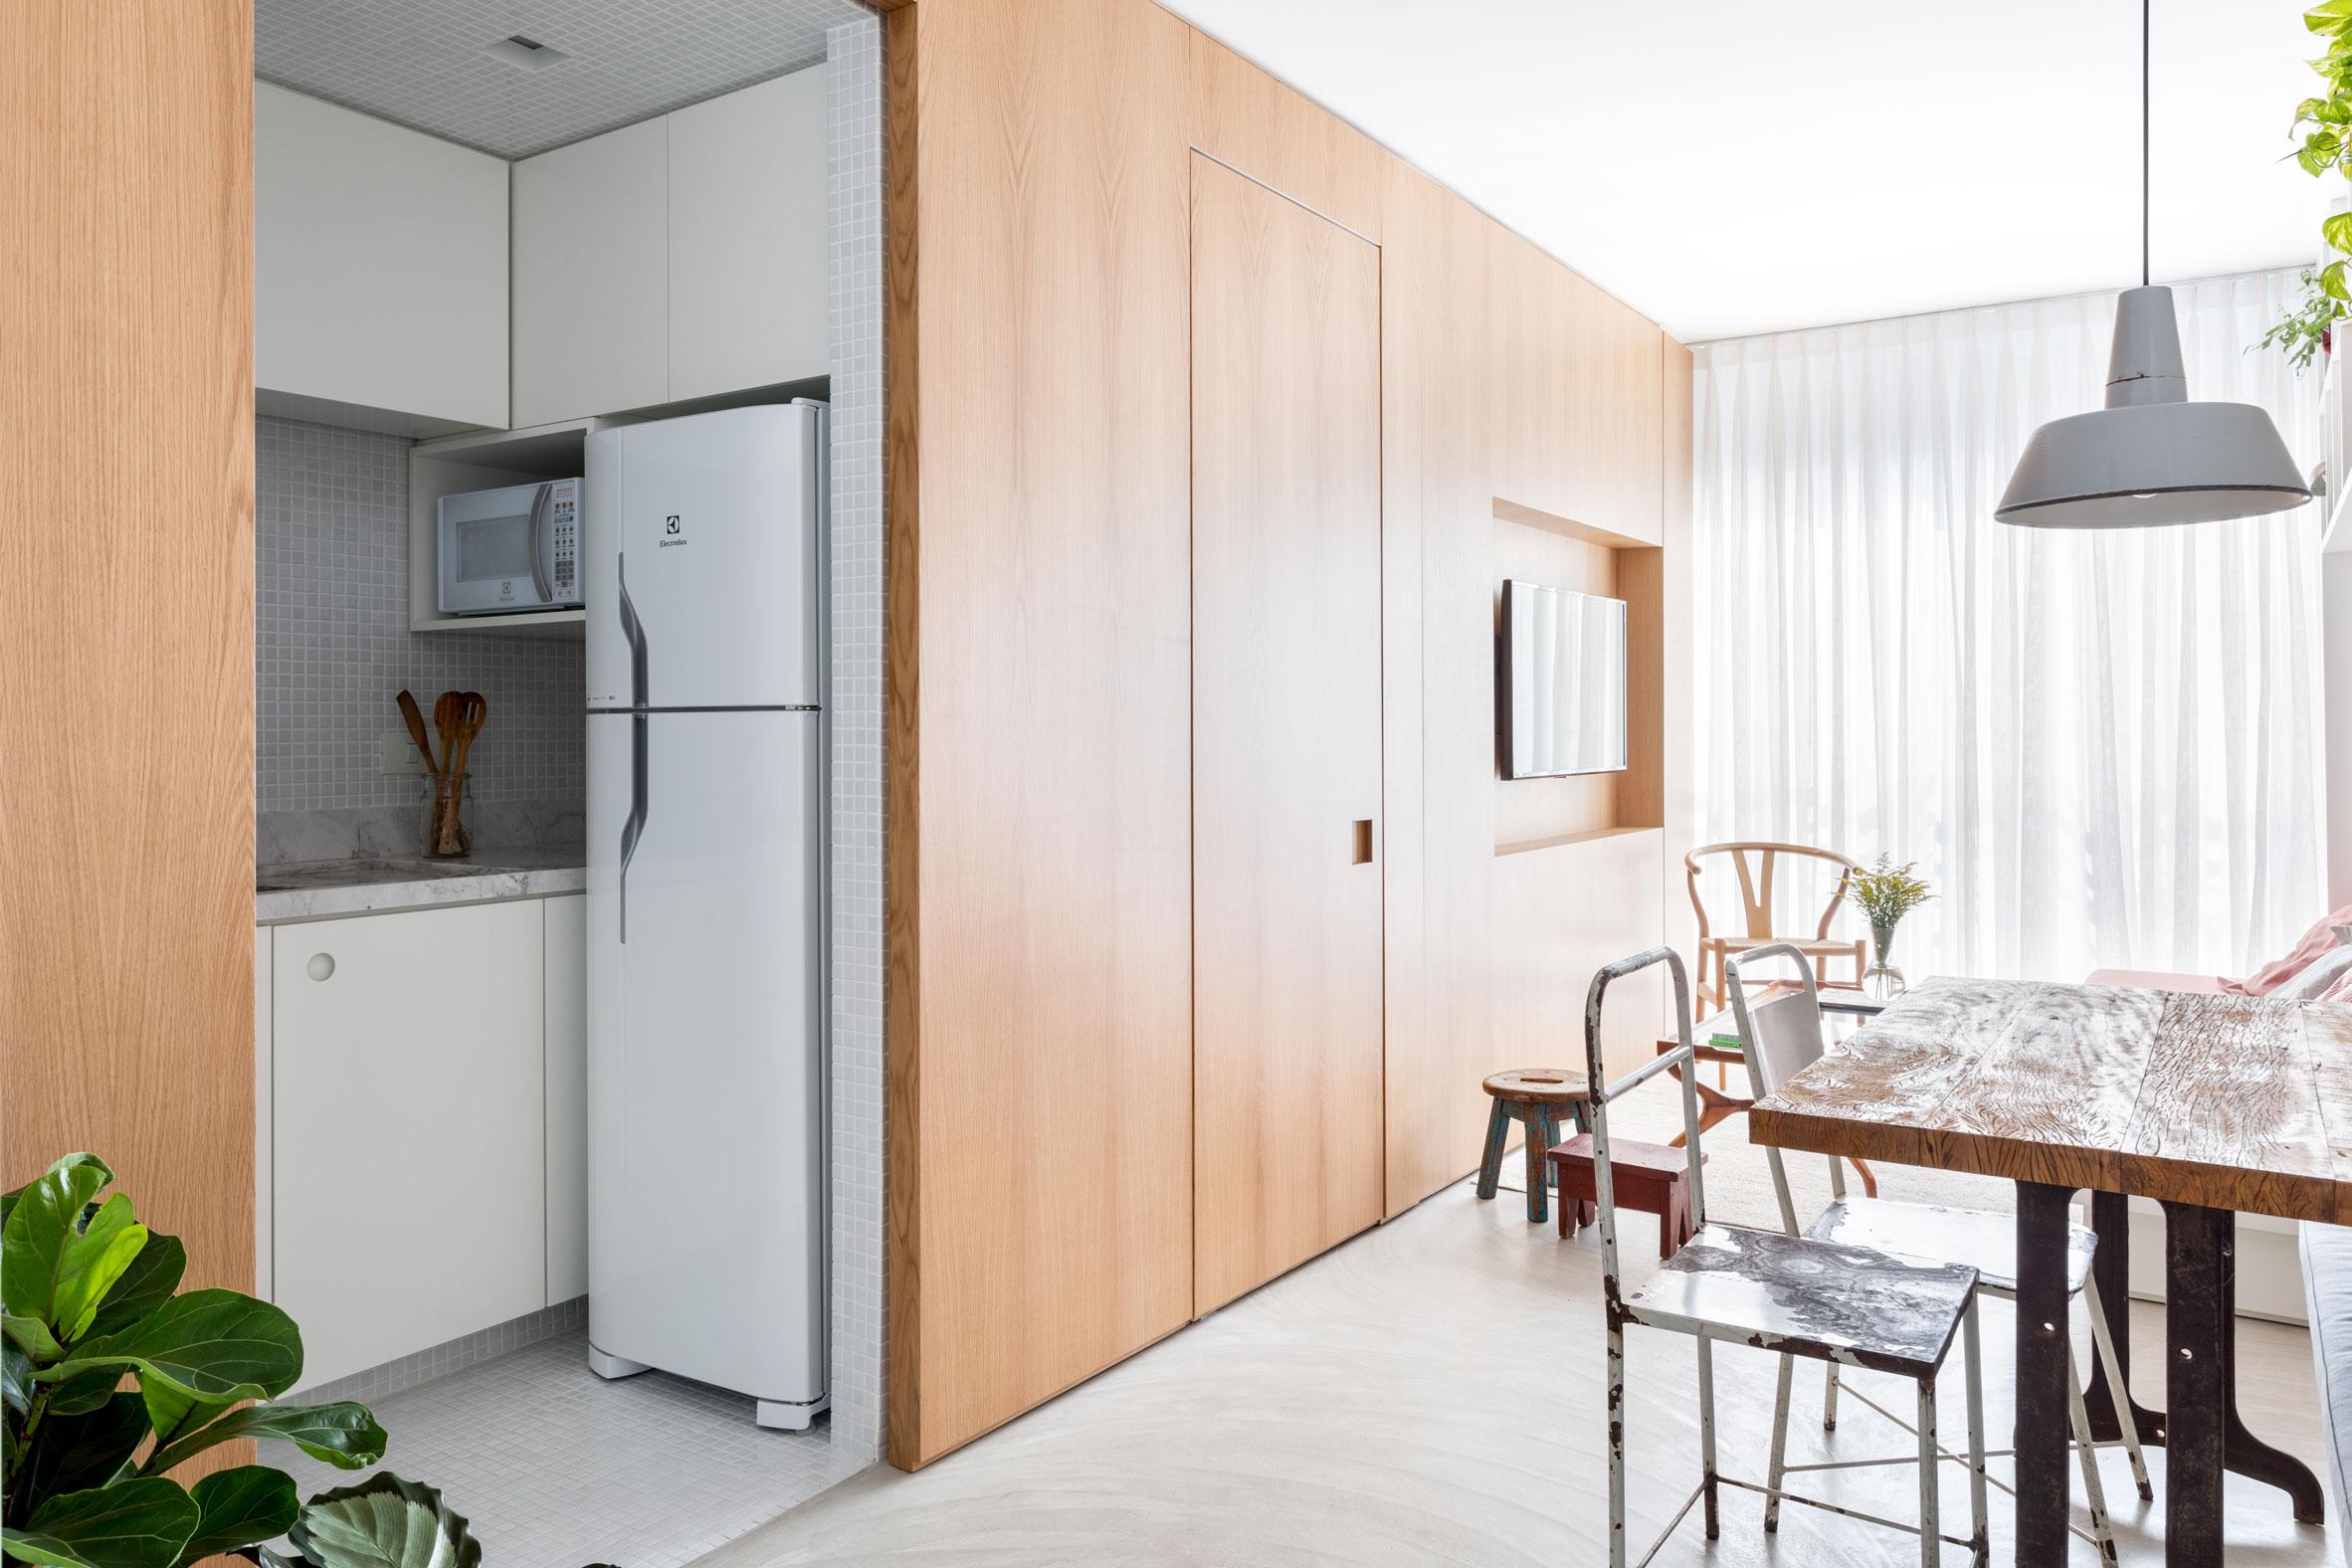 Реновиран апартамент предлага поглед към идеи за малка кухня